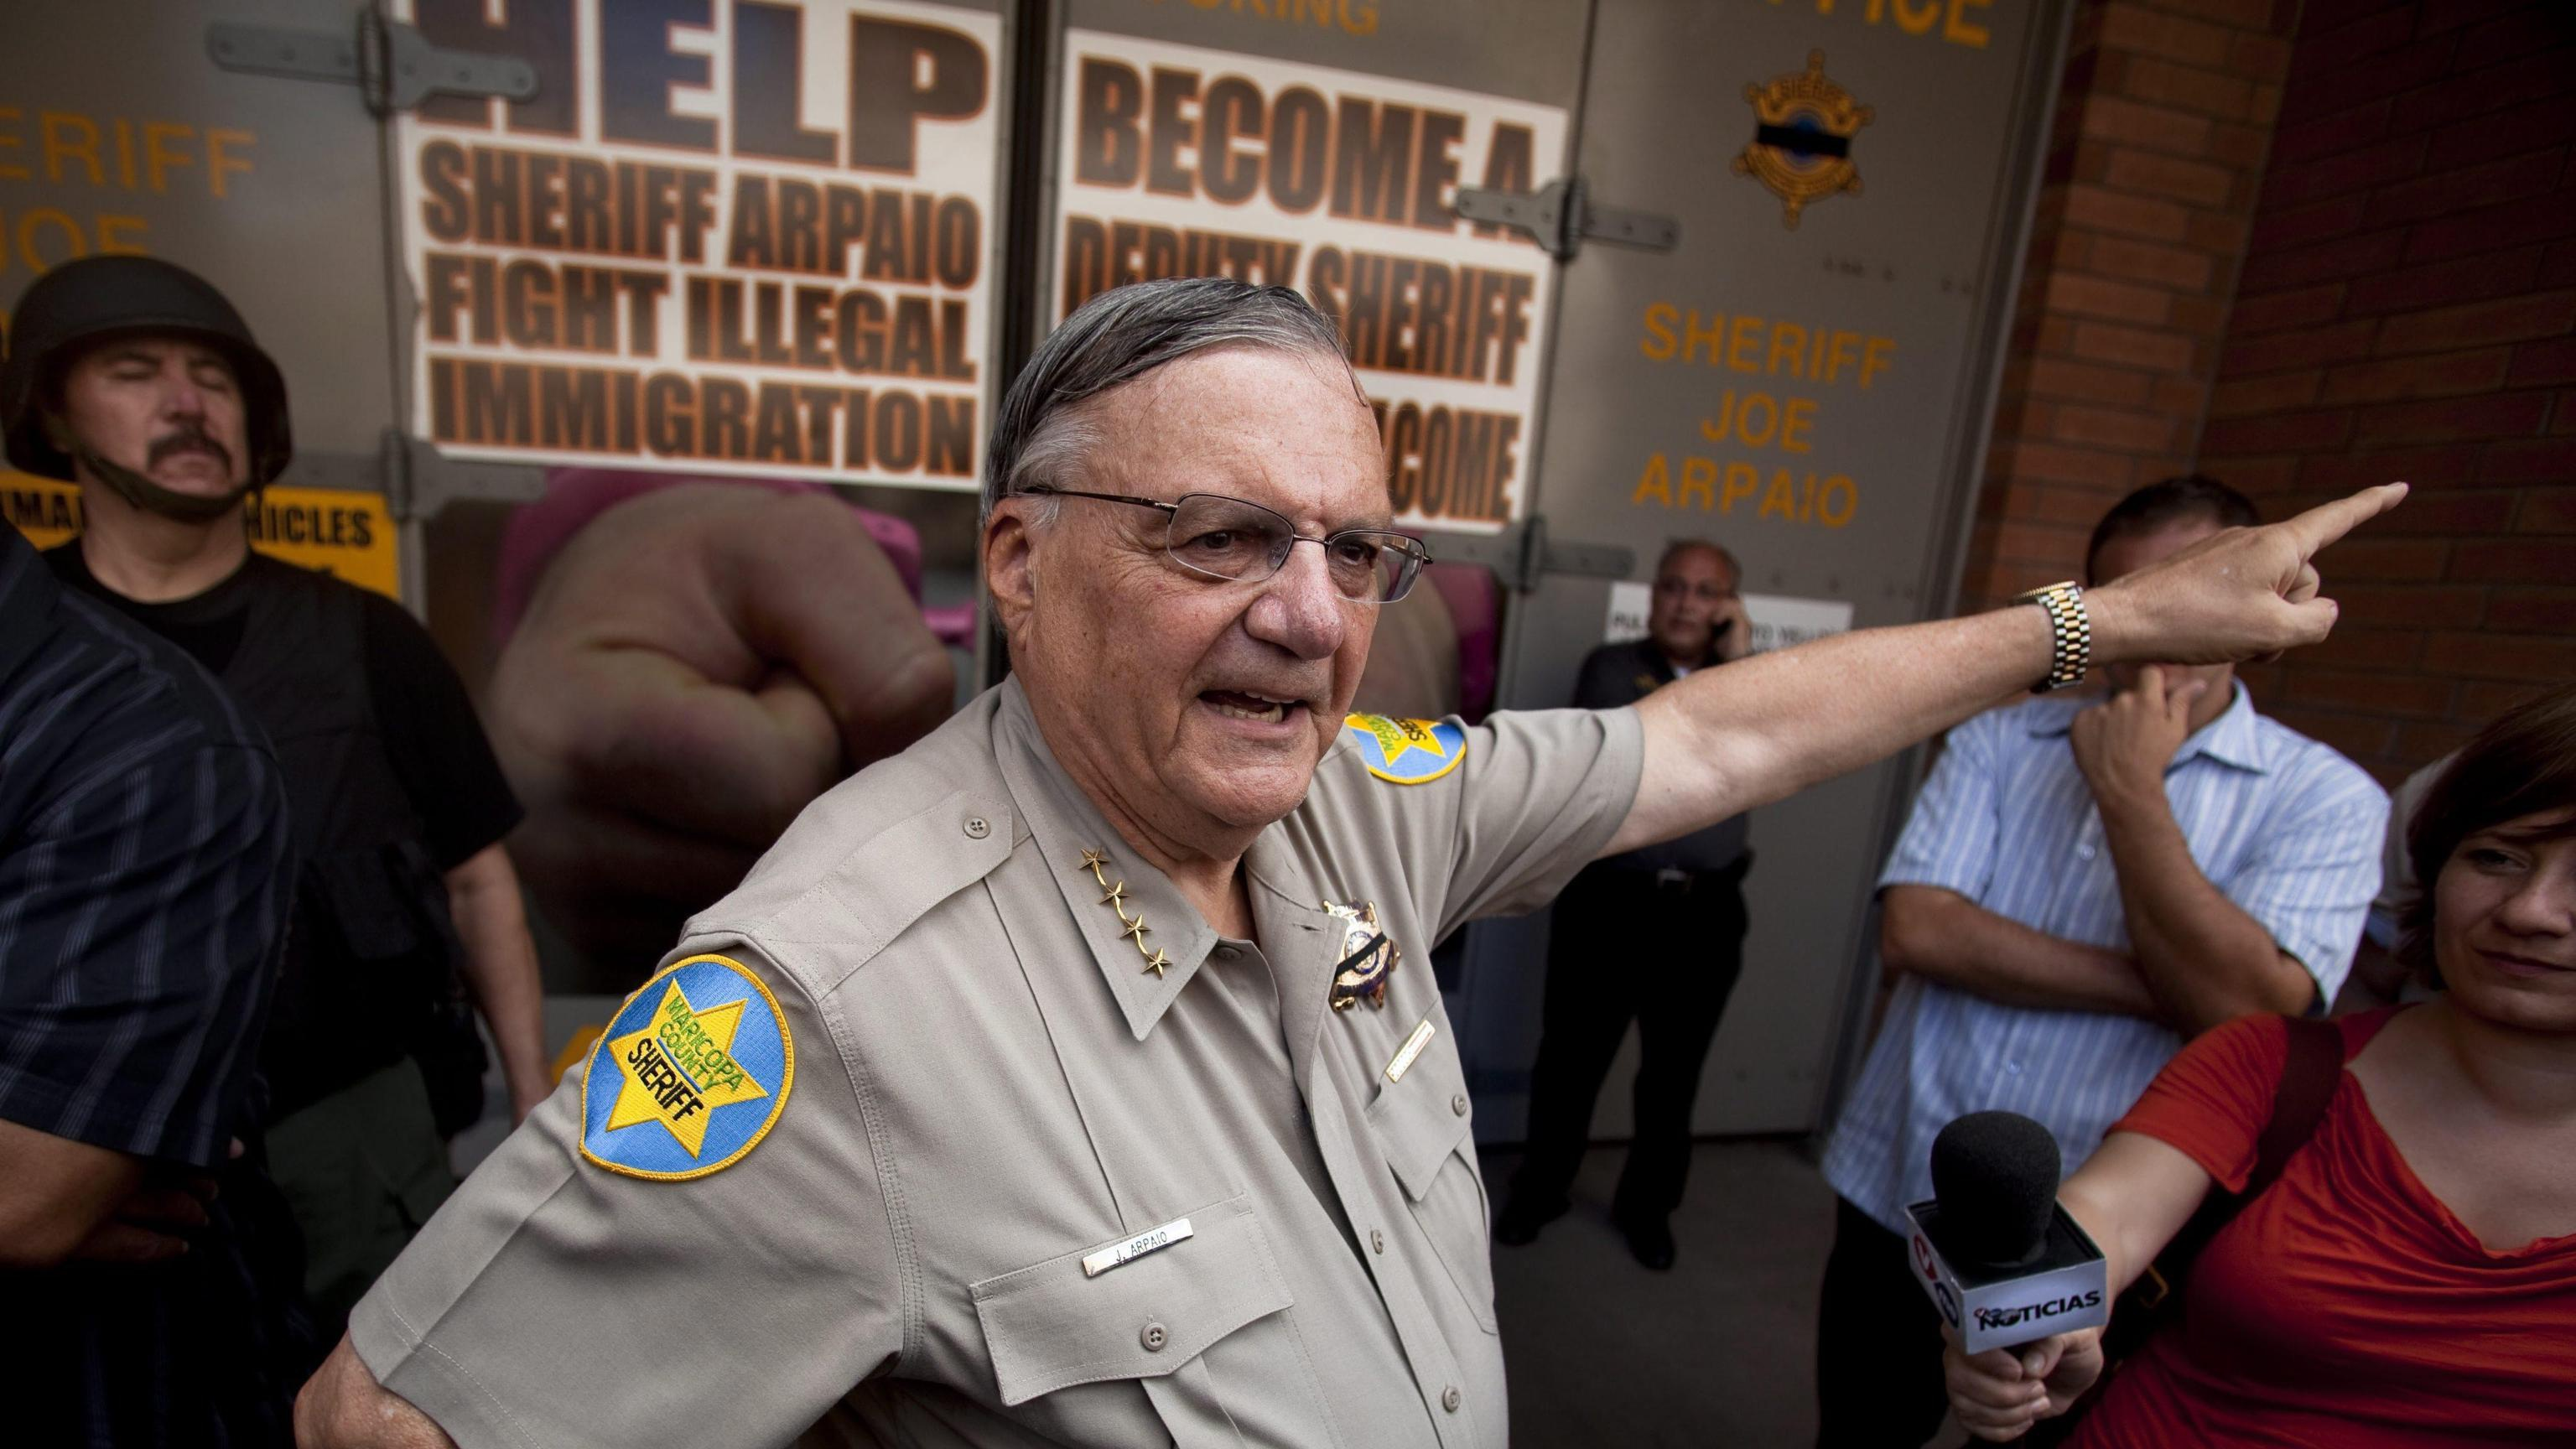 Usa: sceriffo anti-immigrati si candida